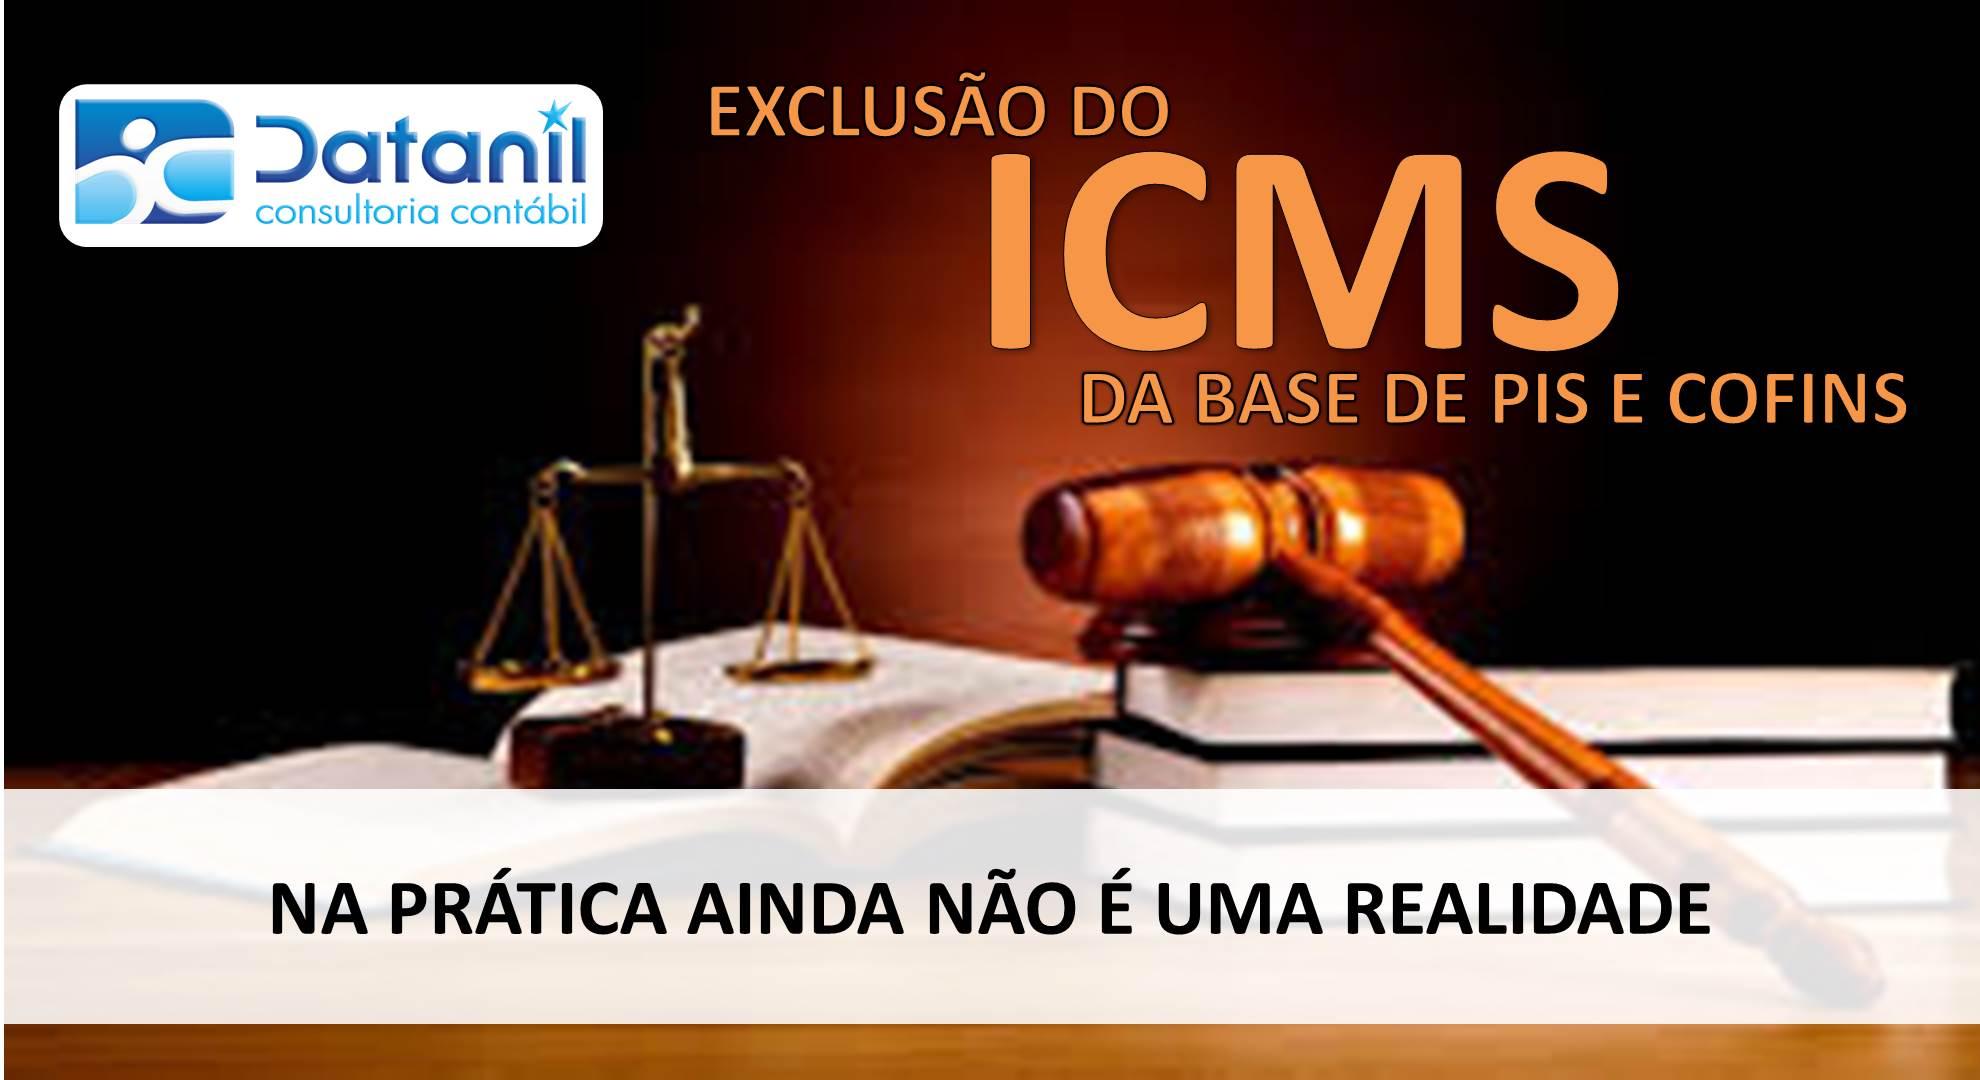 Na Prática, Exclusão Do ICMS Da Base Do PIS E Da Cofins Ainda Não é Uma Realidade